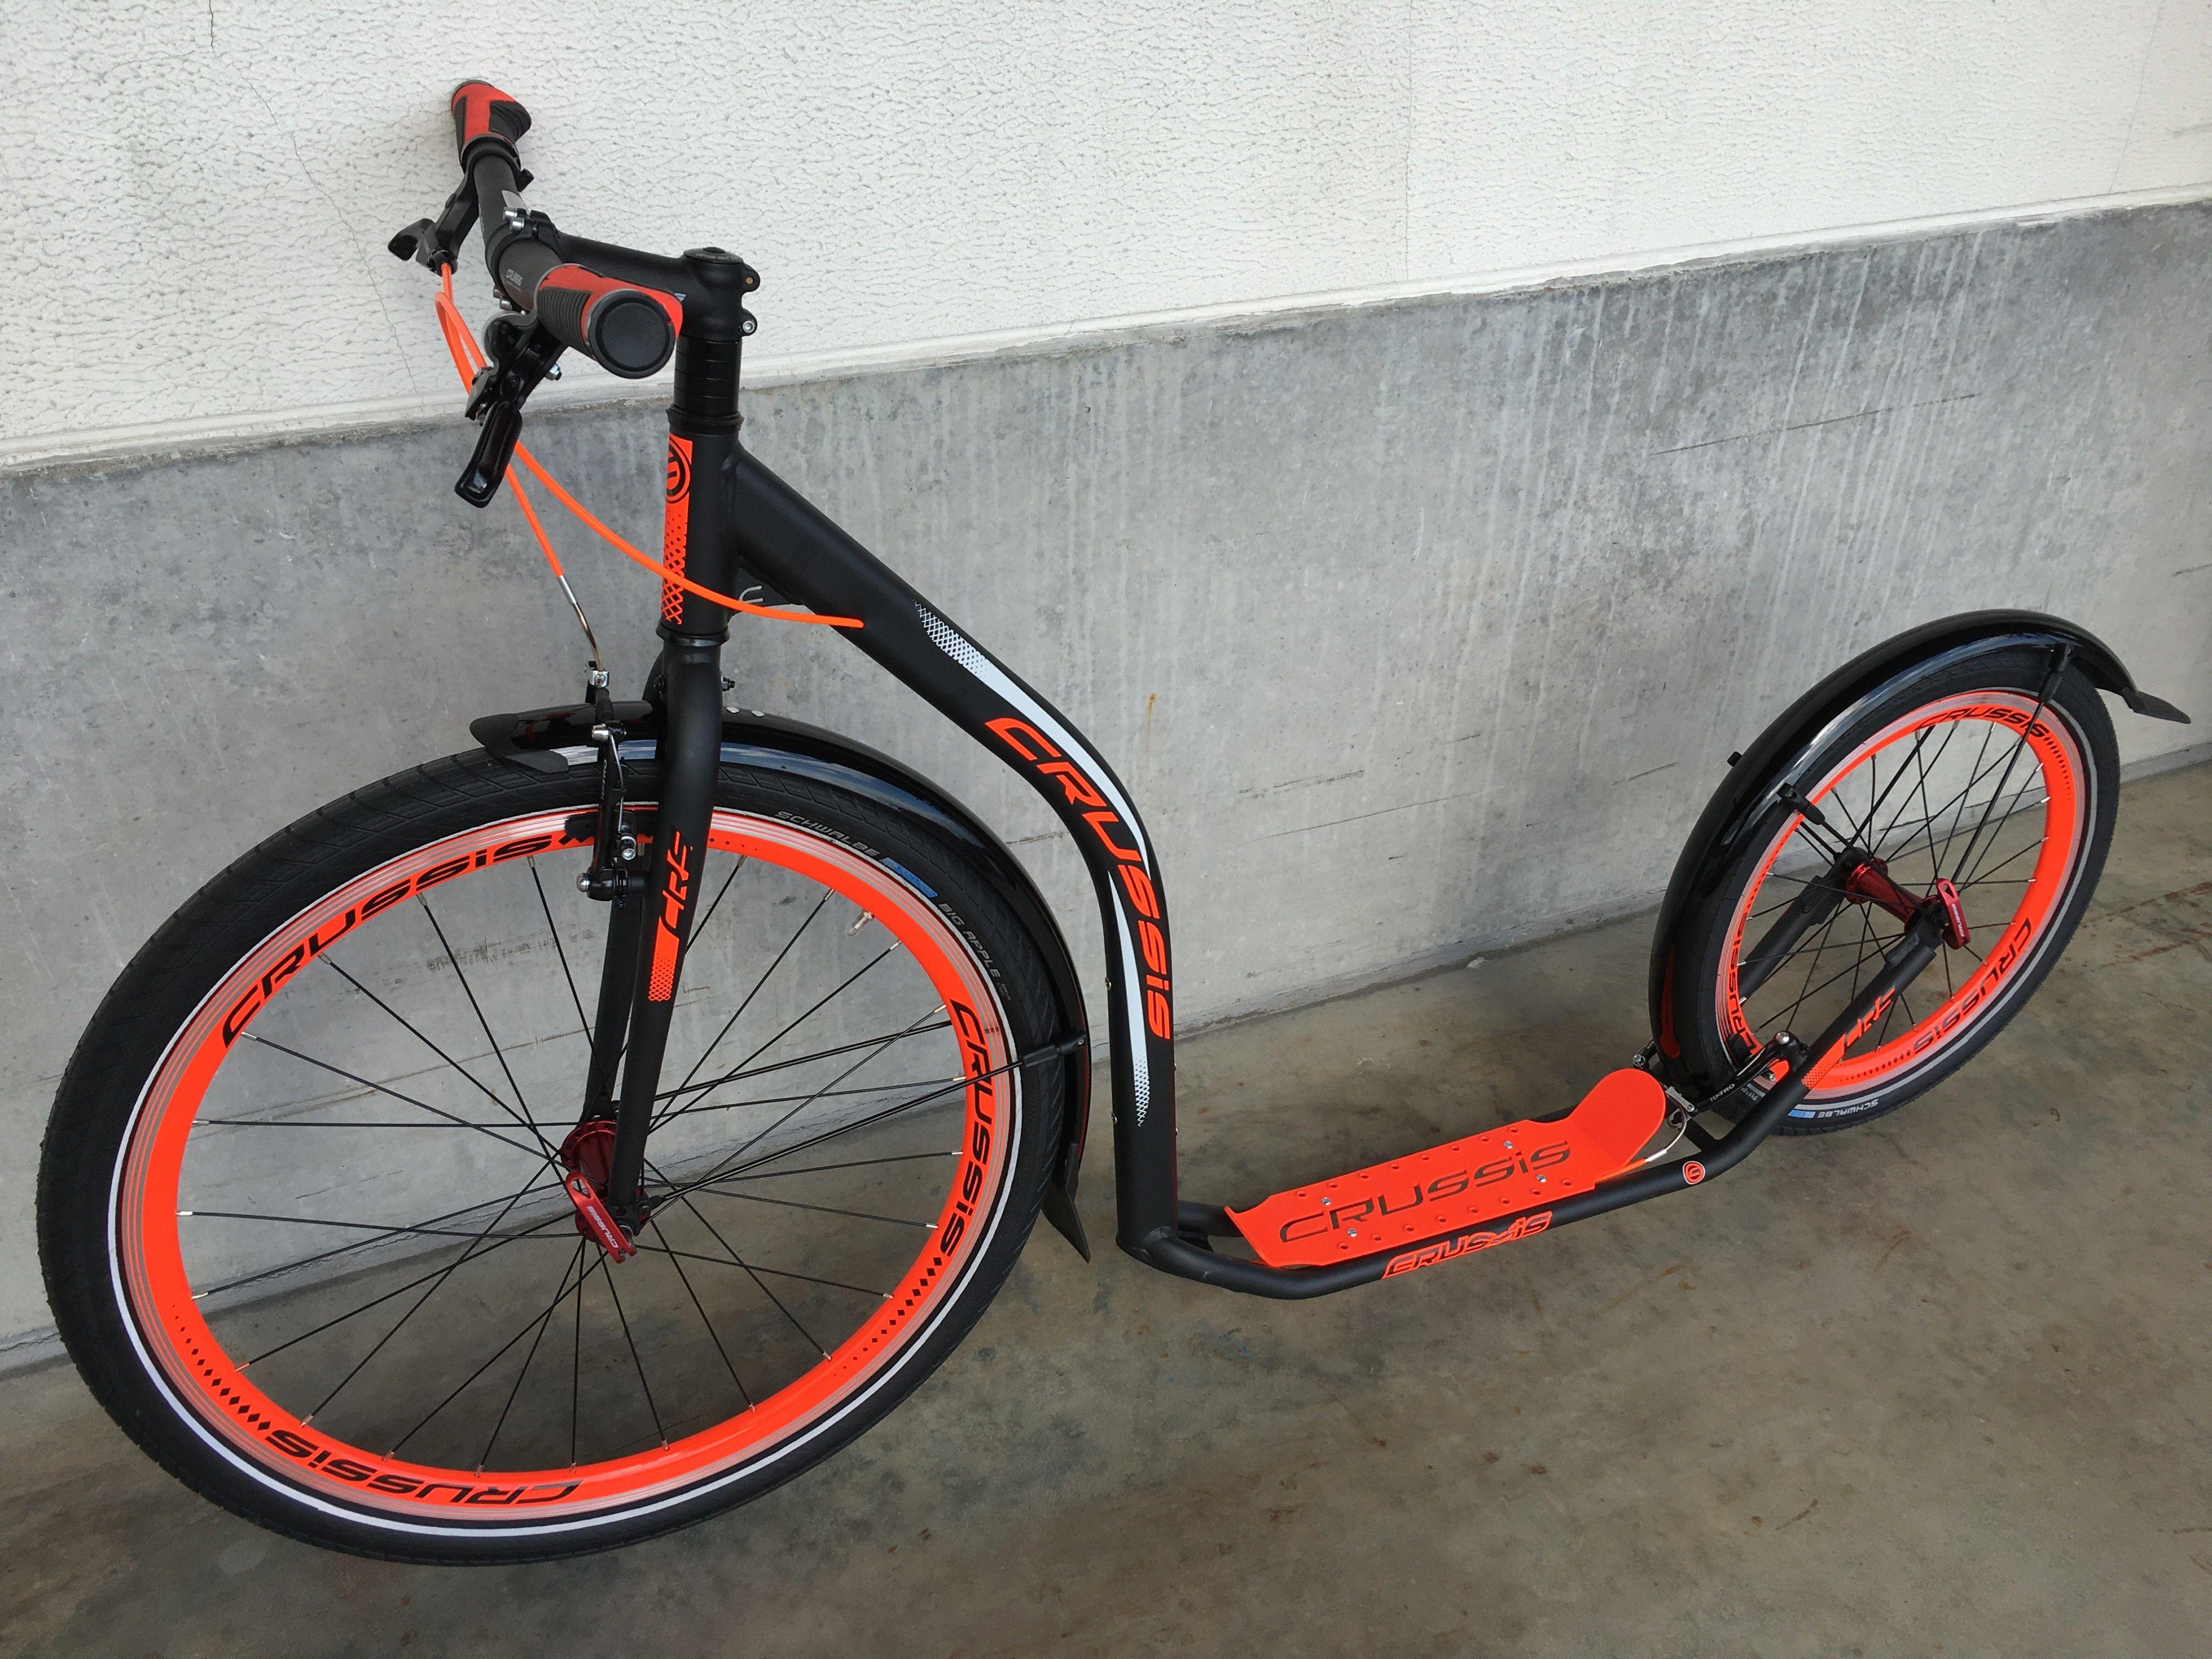 crussis urban 4 3 black orange scooter tretroller. Black Bedroom Furniture Sets. Home Design Ideas